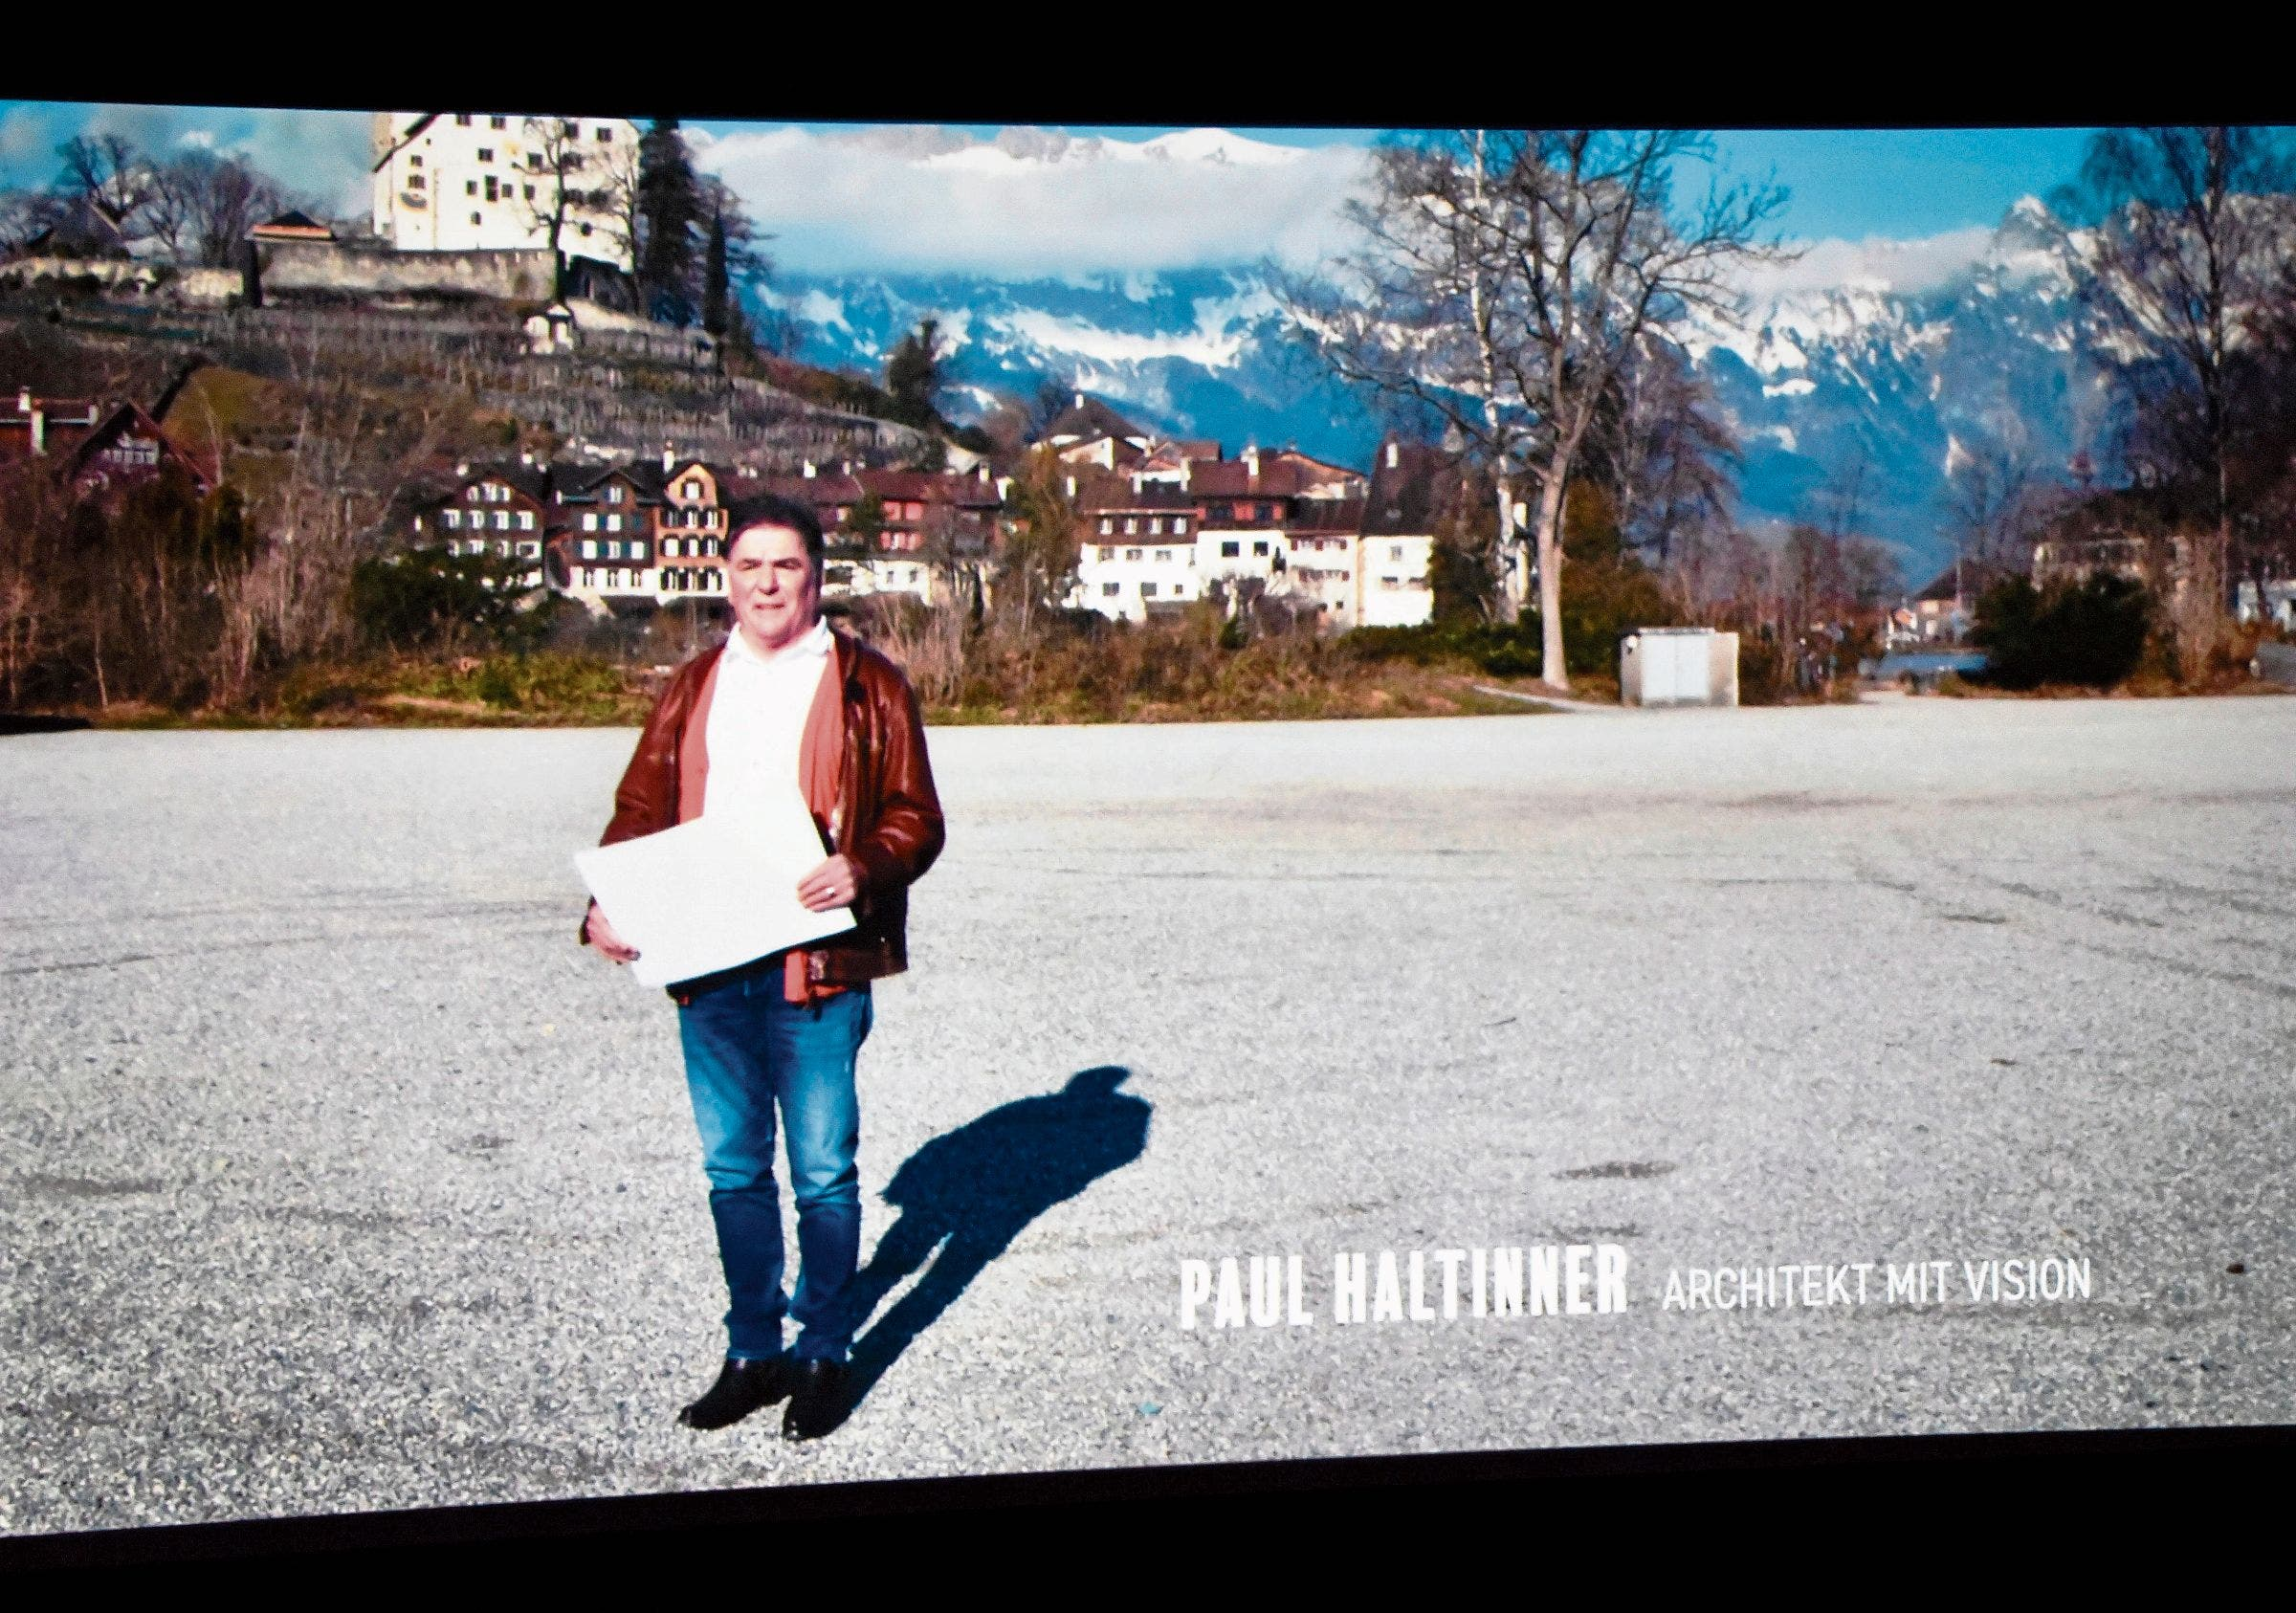 Paul Haltinner, ein aus Eichberg stammender Architekt, entwickelt Visionen, die die Behörden nicht mit Interesse beantworten. Kuno Bont forderte das Publikum auf, in den Gesichtern zu lesen. Die Bahnhofstrasse ist Buchs' Hauptschlagader. An ihr spielt sich ein grosser Teil des gesellschaftlichen Lebens ab.